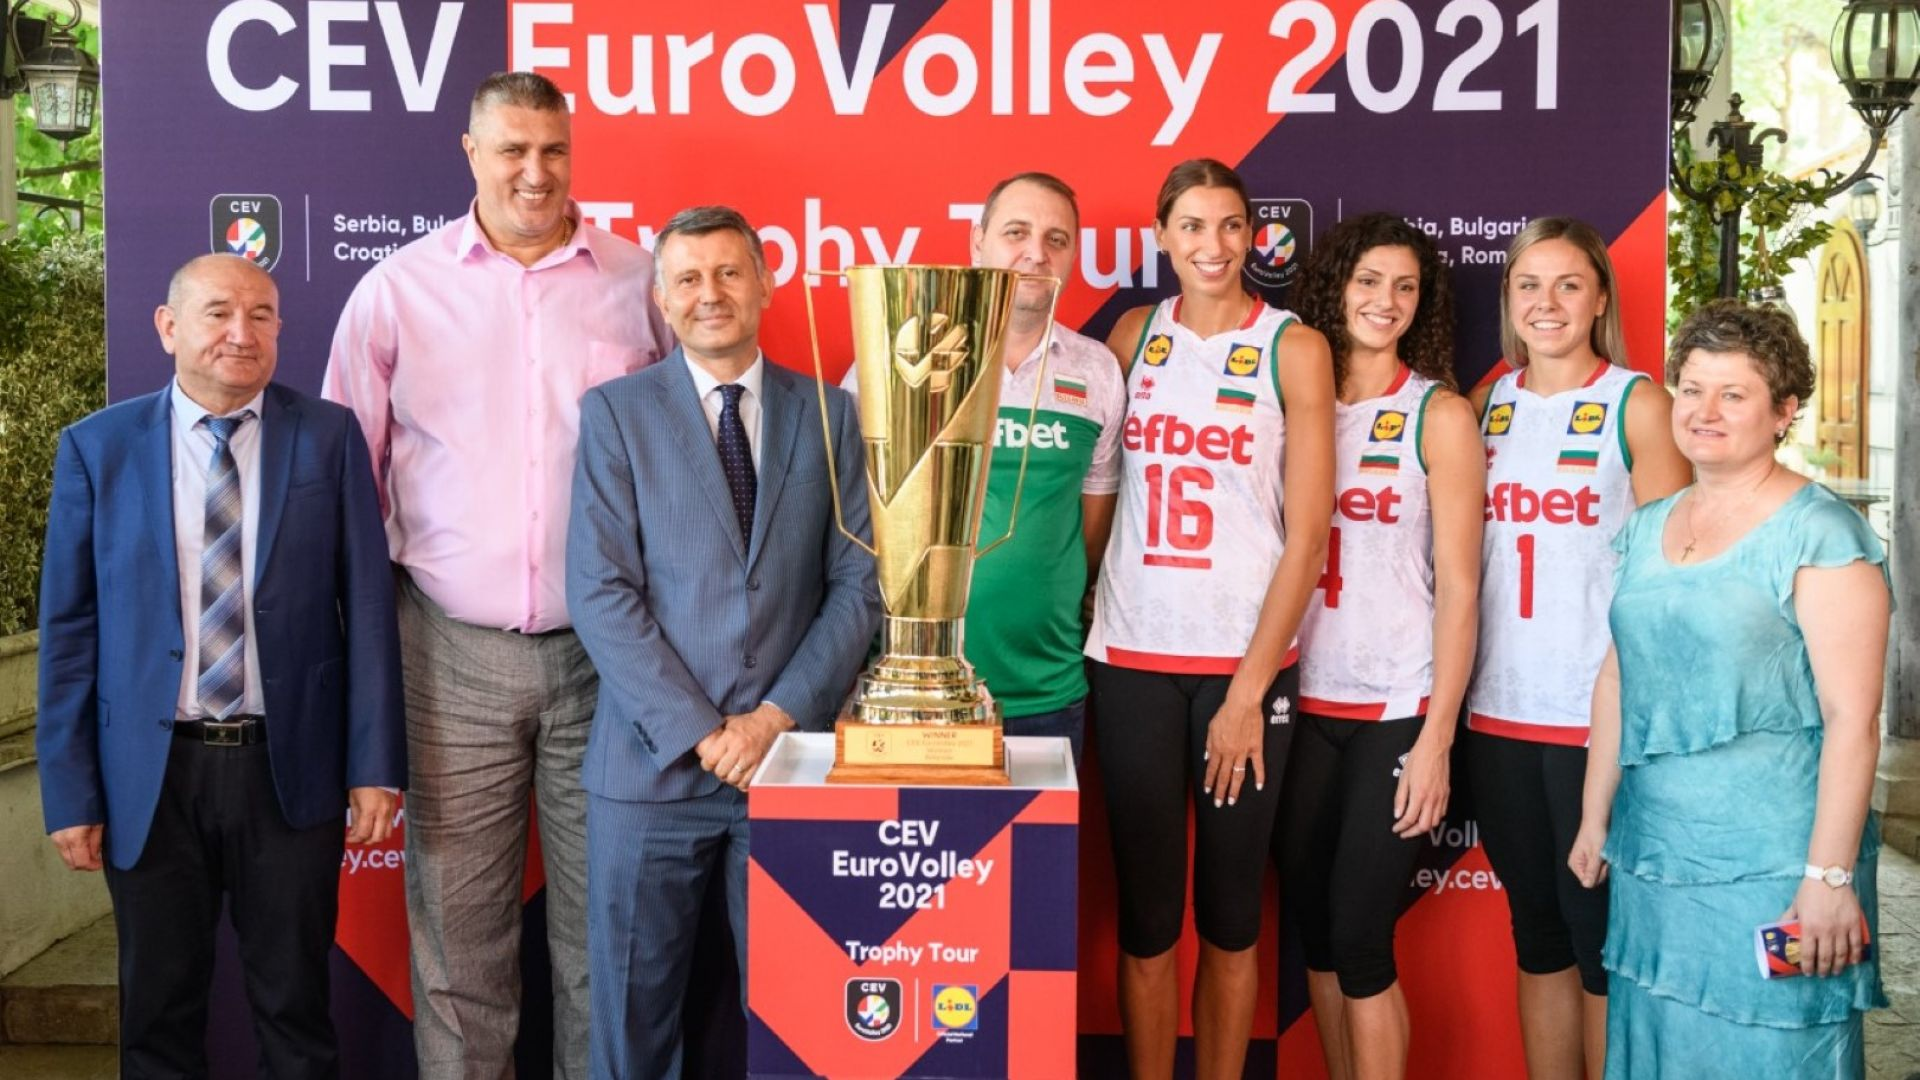 Купата на Евроволей 2021 вече е в Пловдив